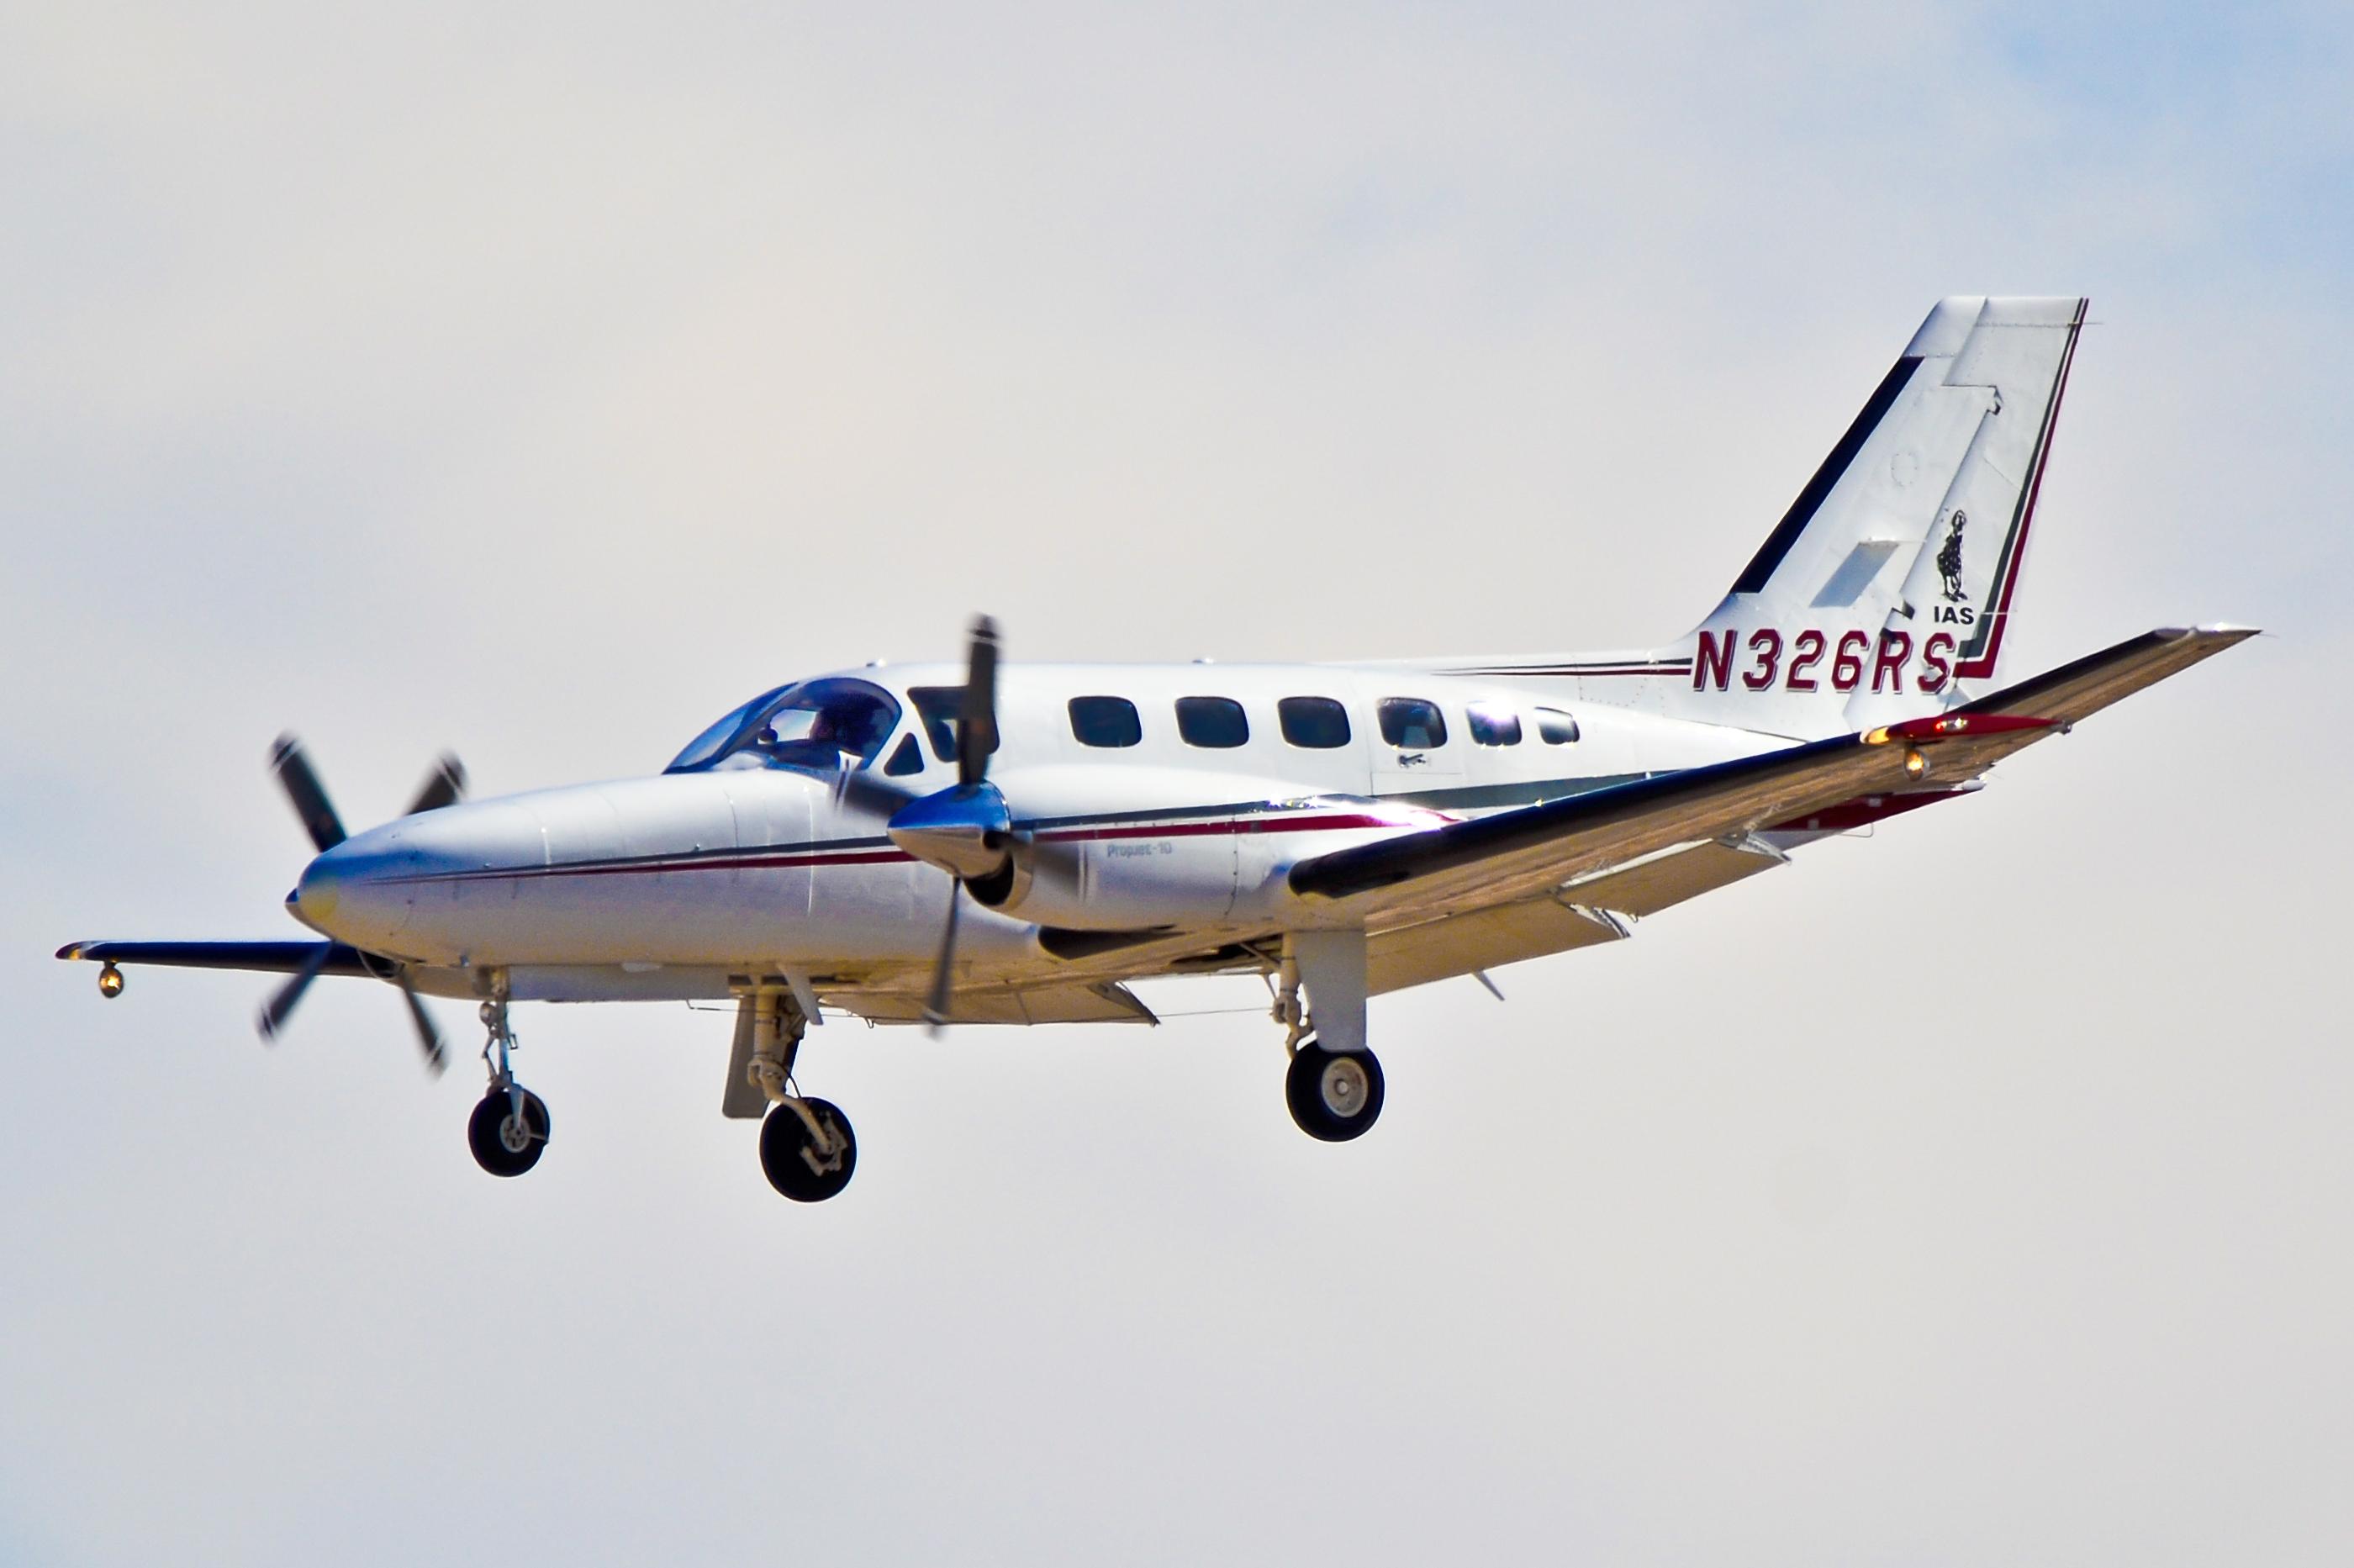 N326RS_1983_Cessna_441Conquest_II_C-N_441-0326_-_Ias_Air_%286832531090%29.jpg